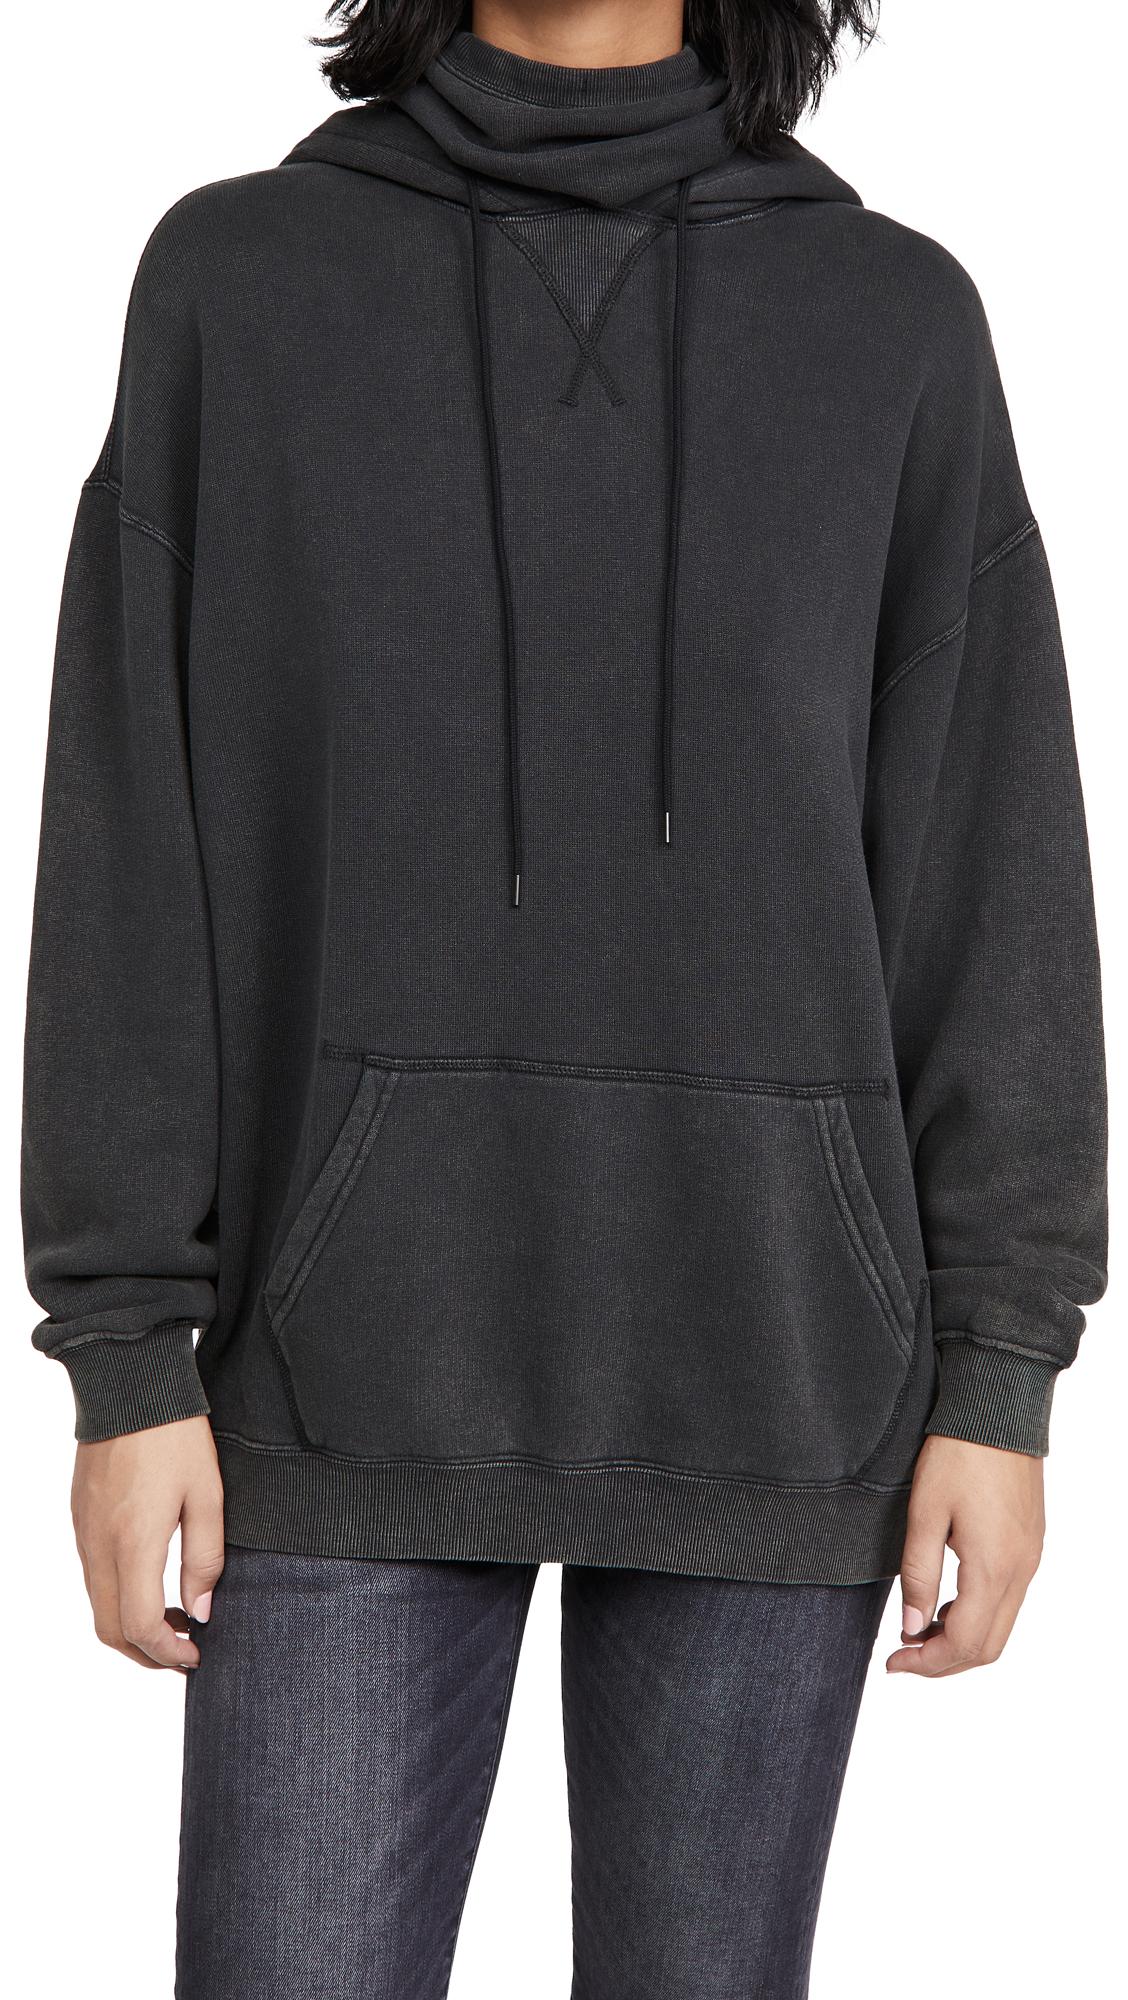 R13 #MaskUp Vintage Fleece Hoodie